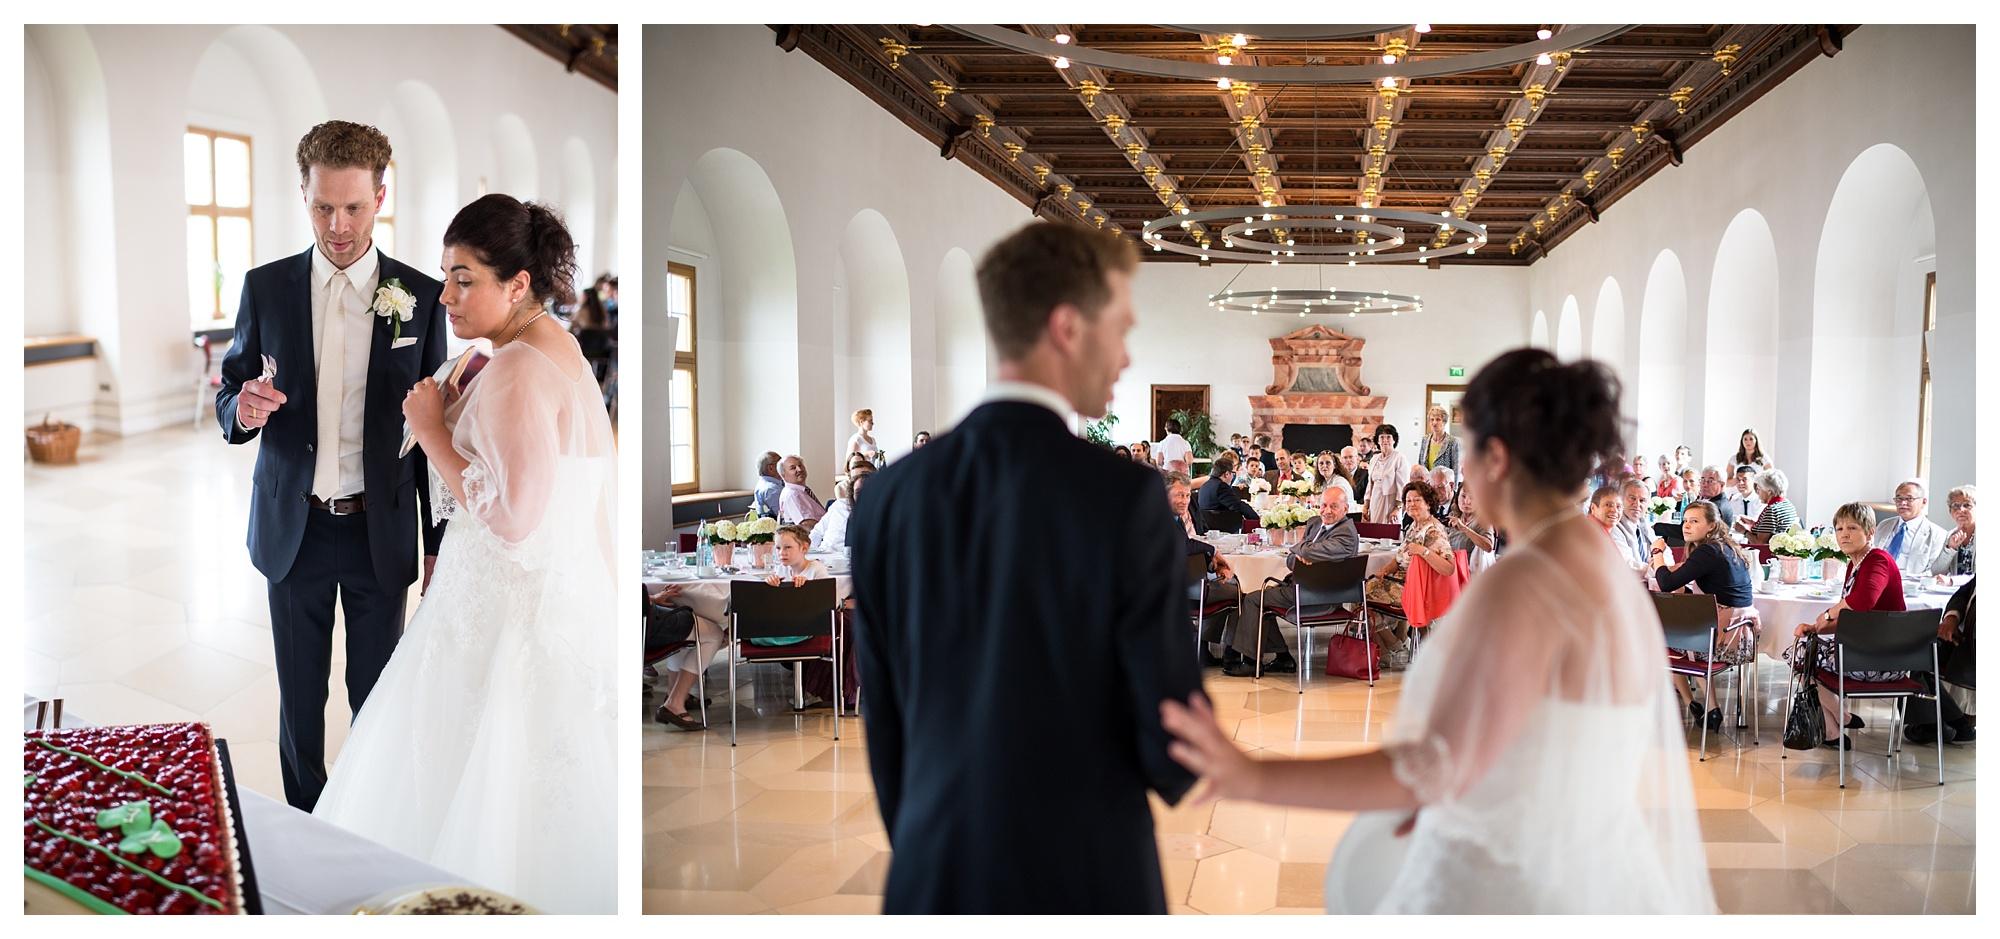 Fotograf Konstanz - Hochzeit Tanja Elmar Elmar Feuerbacher Photography Konstanz Messkirch Highlights 059 - Hochzeitsreportage von Tanja und Elmar im Schloss Meßkirch  - 162 -